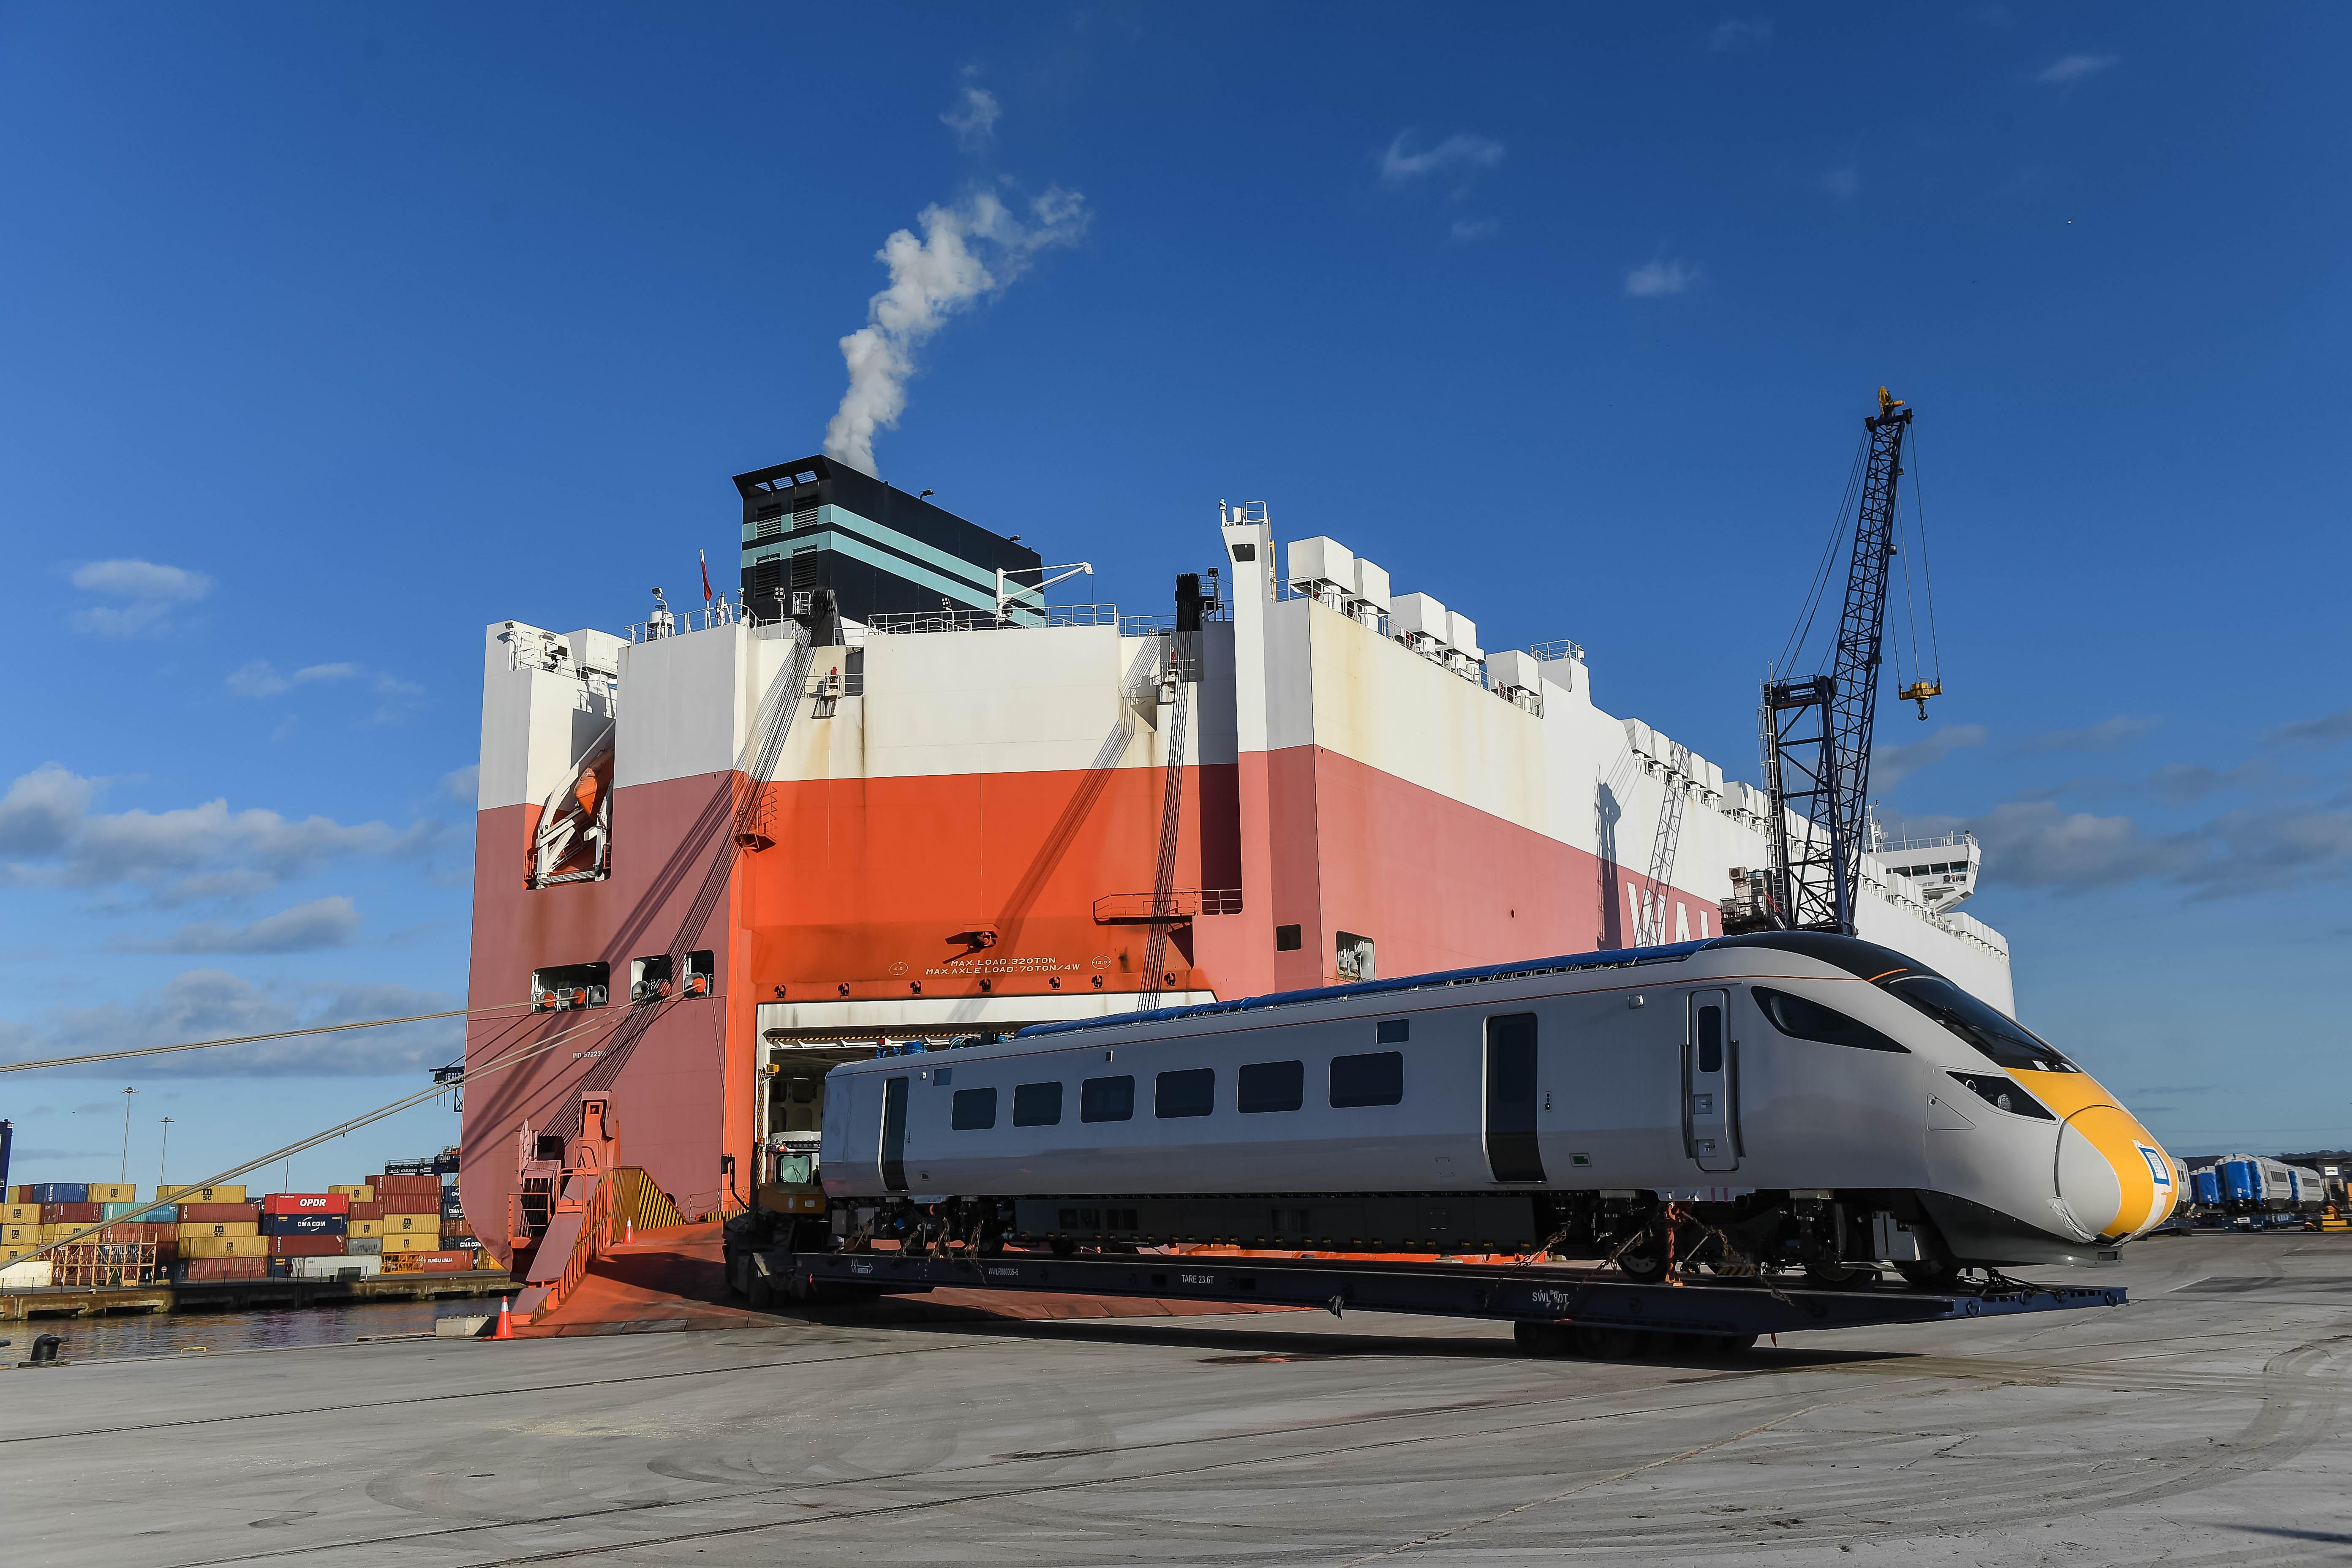 New Azuma Trains Arrive at UK Port